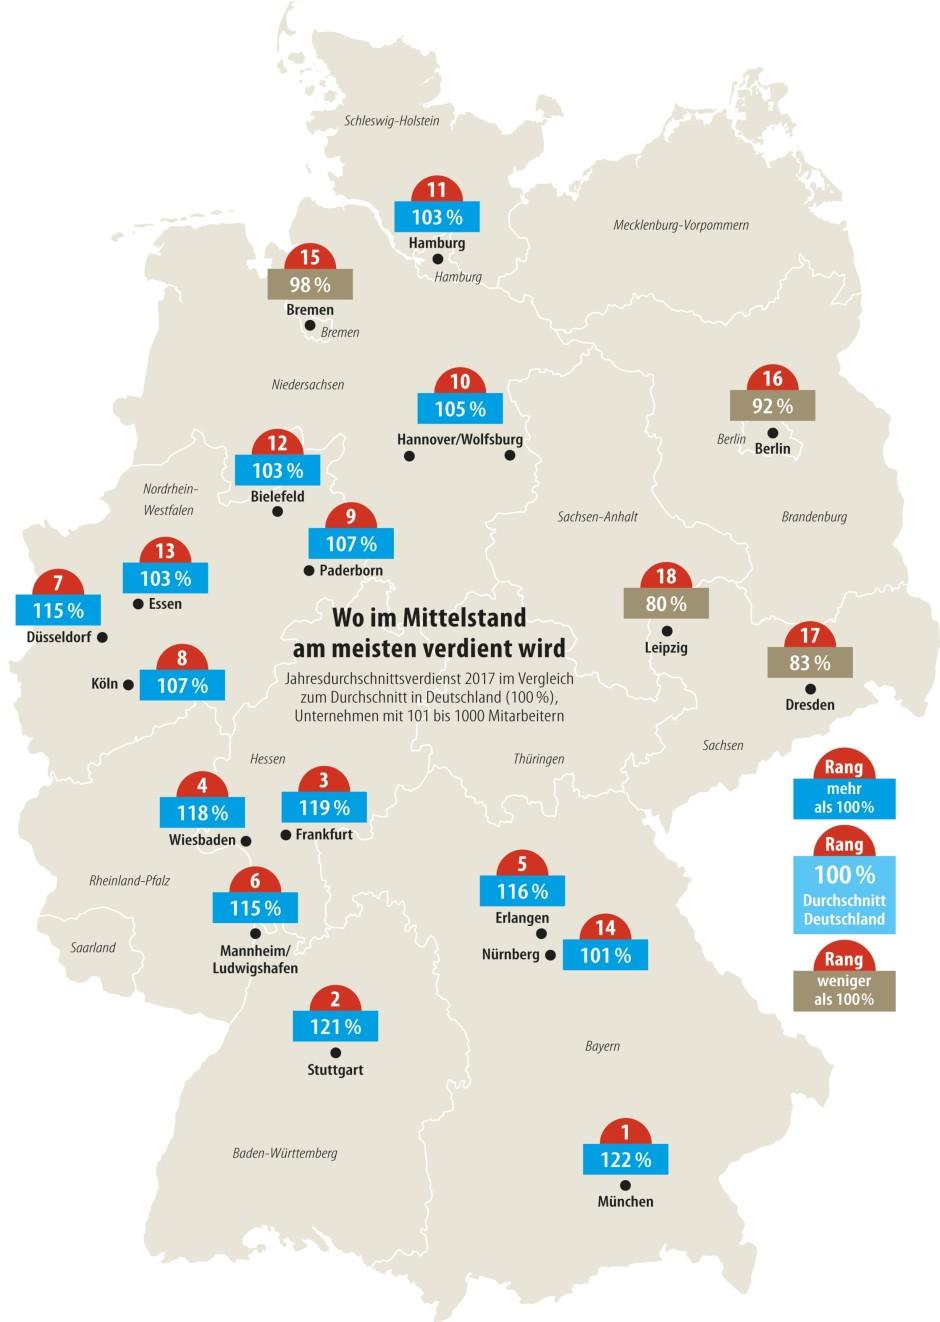 München Karte Deutschland.Bilderstrecke Zu Gehaltsatlas Wer Verdient Am Meisten Am Besten